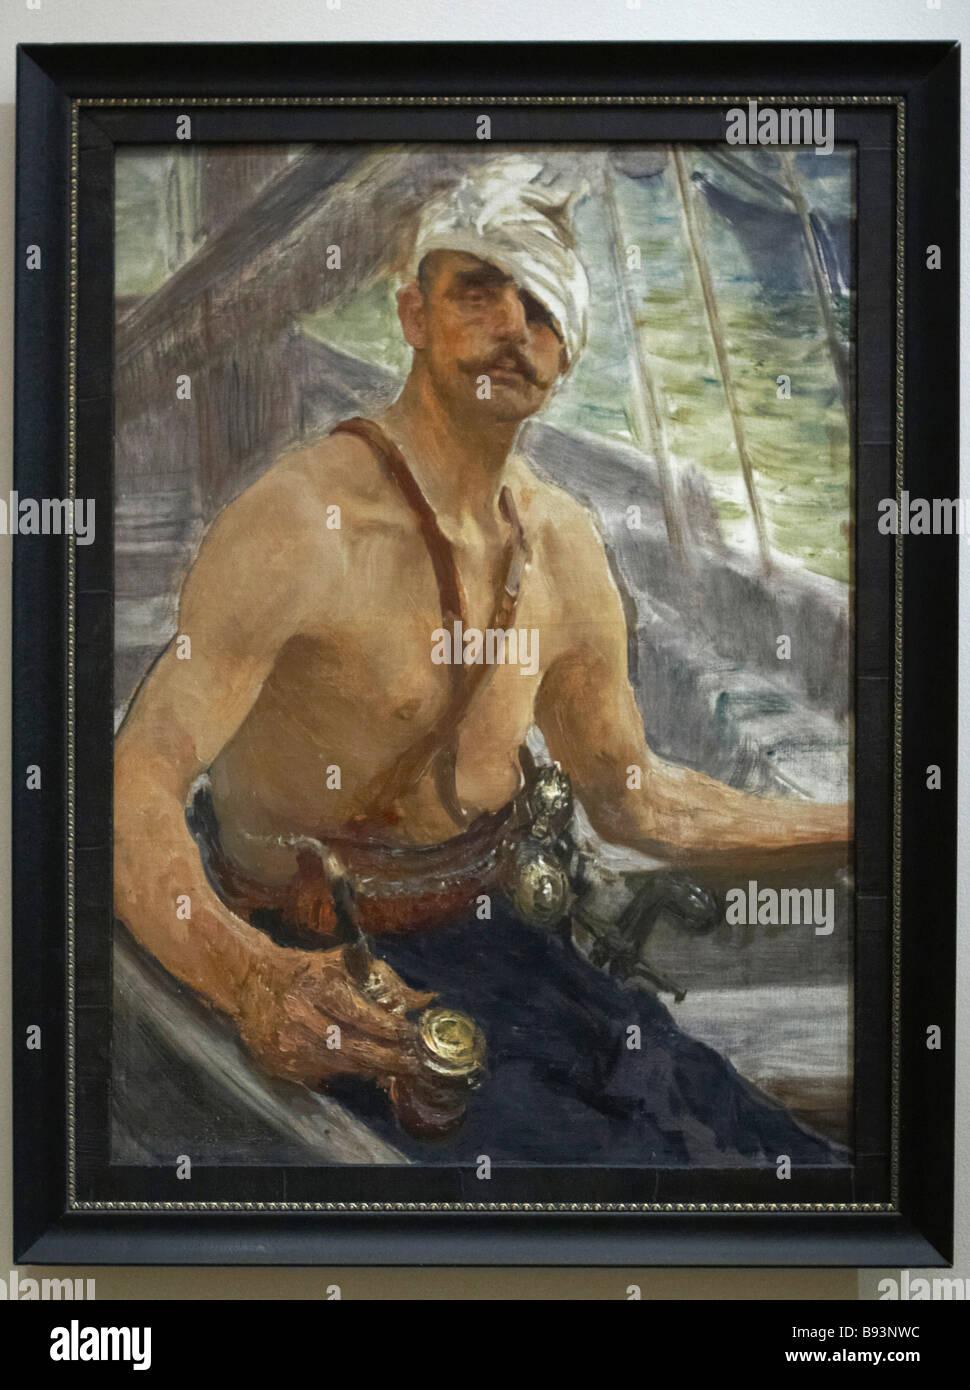 Il kazako 1910 da Ilya Repin è parte della mostra il tempo di raccogliere l'arte russa da collezioni private Immagini Stock